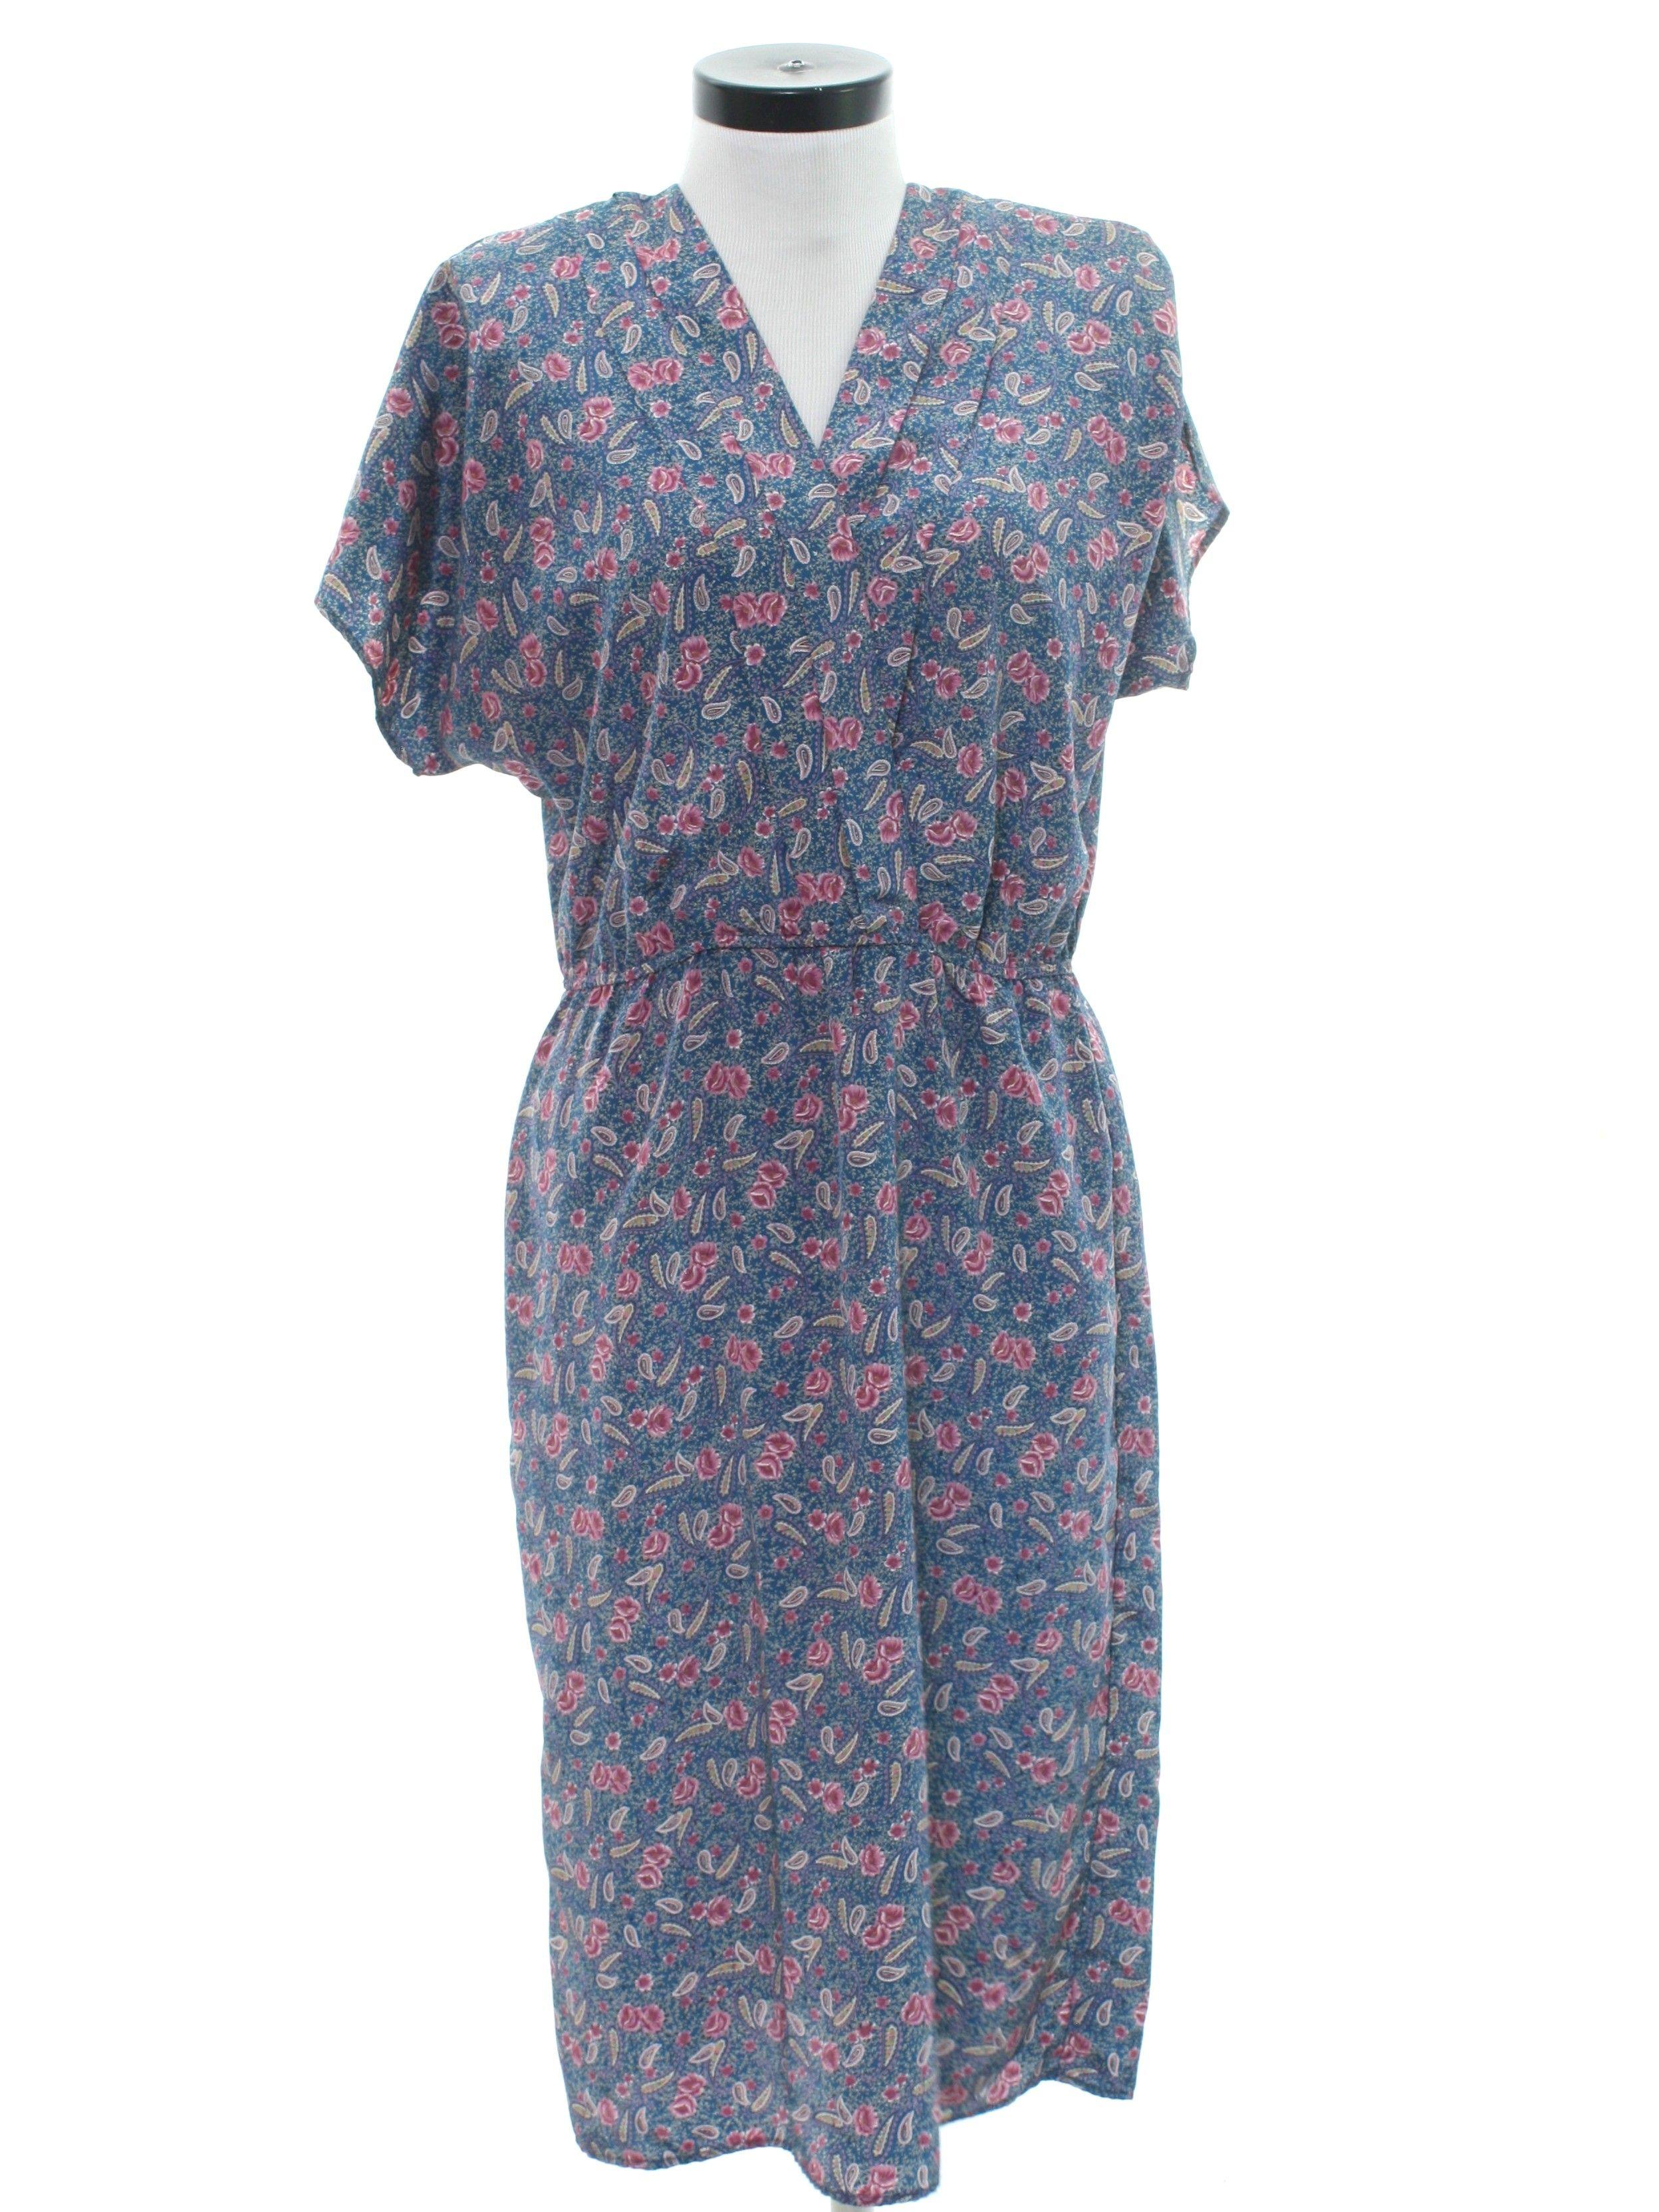 85e3c7872c5c 1980 s Unreadable Label Totally 80s Secretary Dress